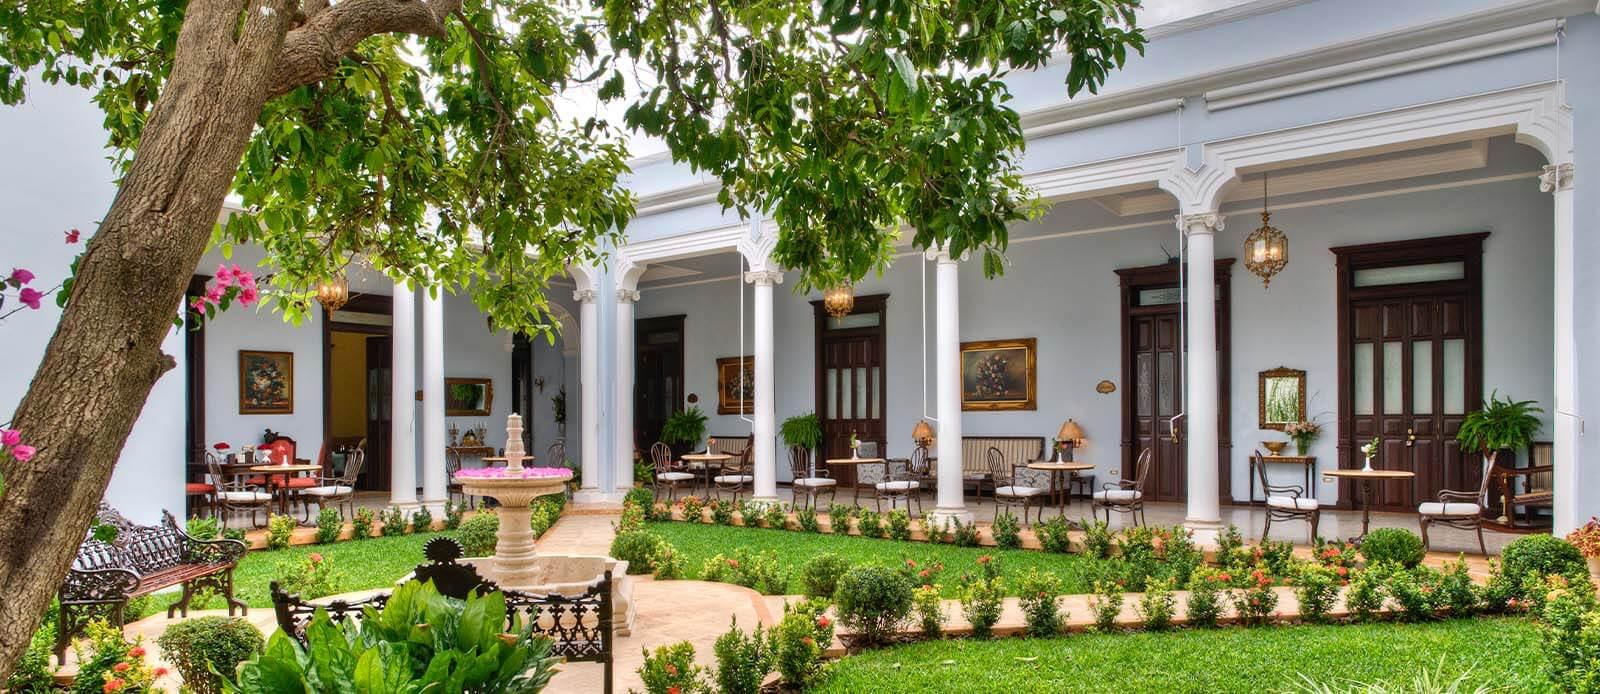 Daytime garden and courtyard of Casa Azul Hotel Monumento Historico in Merida, Mexico.